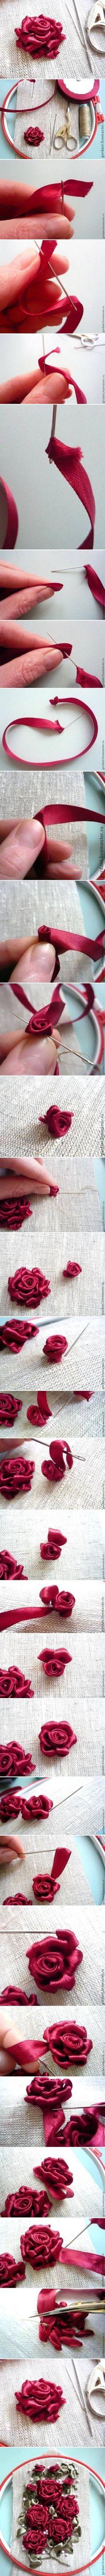 DIY Nice Beautiful Ribbon Rose DIY Projects